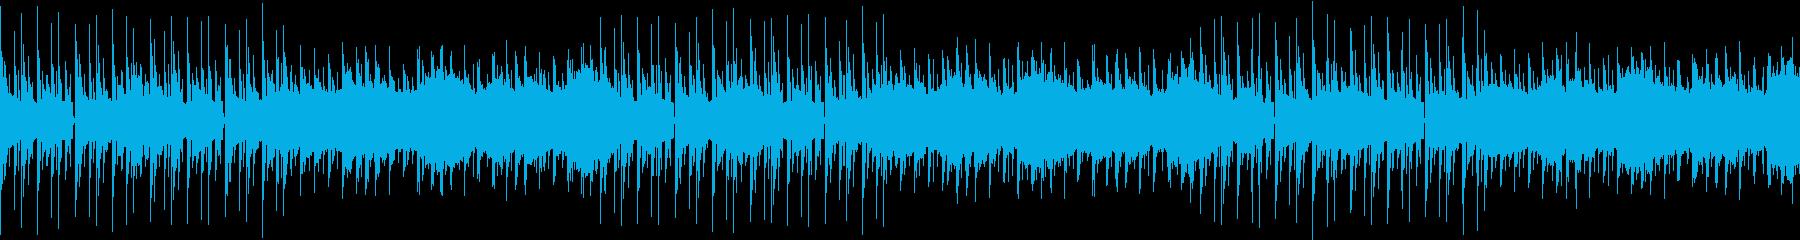 ビートと、うねるようなシンセサイザーの再生済みの波形